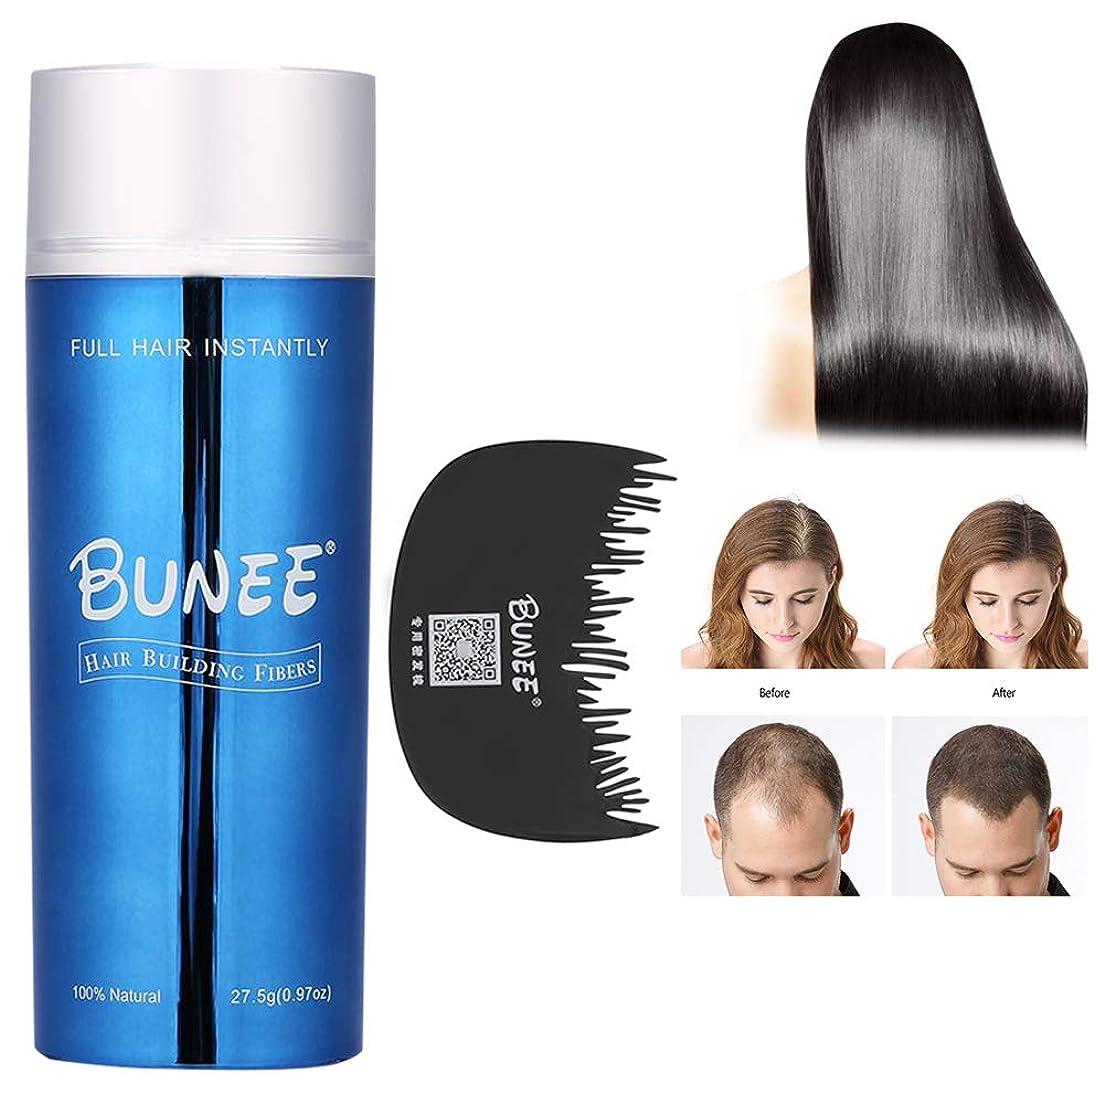 ぎこちないスマイル特異な抜け毛のコンシーラーの粉、4色の毛の建築繊維の抜け毛の解決のコンシーラーの毛のより充実したより密集した力との専門の毛の櫛(ダークブラウン)